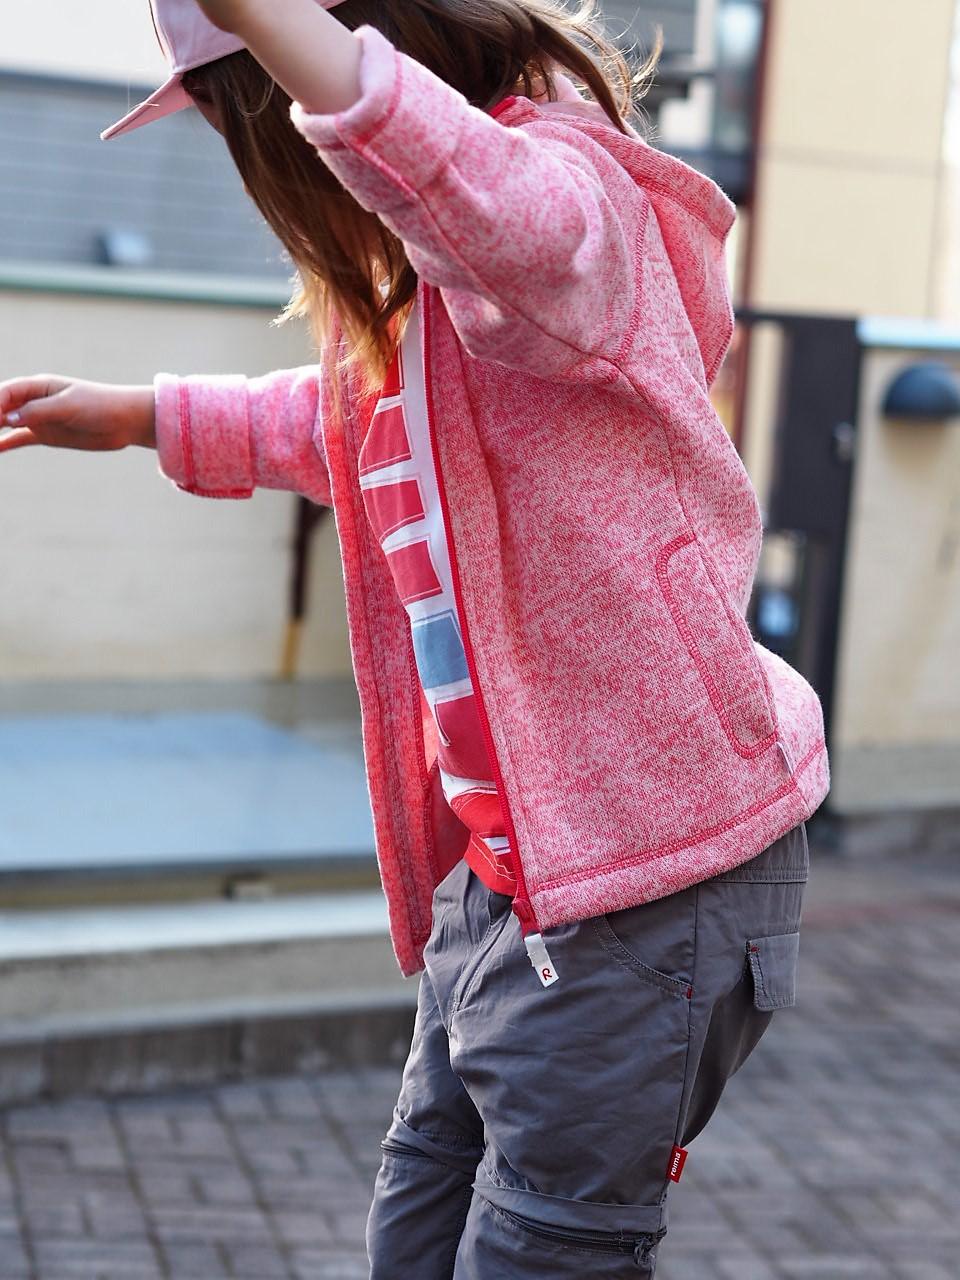 3in1-housut, ysärifibat ja parhaita kaupunkitelmintävaatteita lapselle